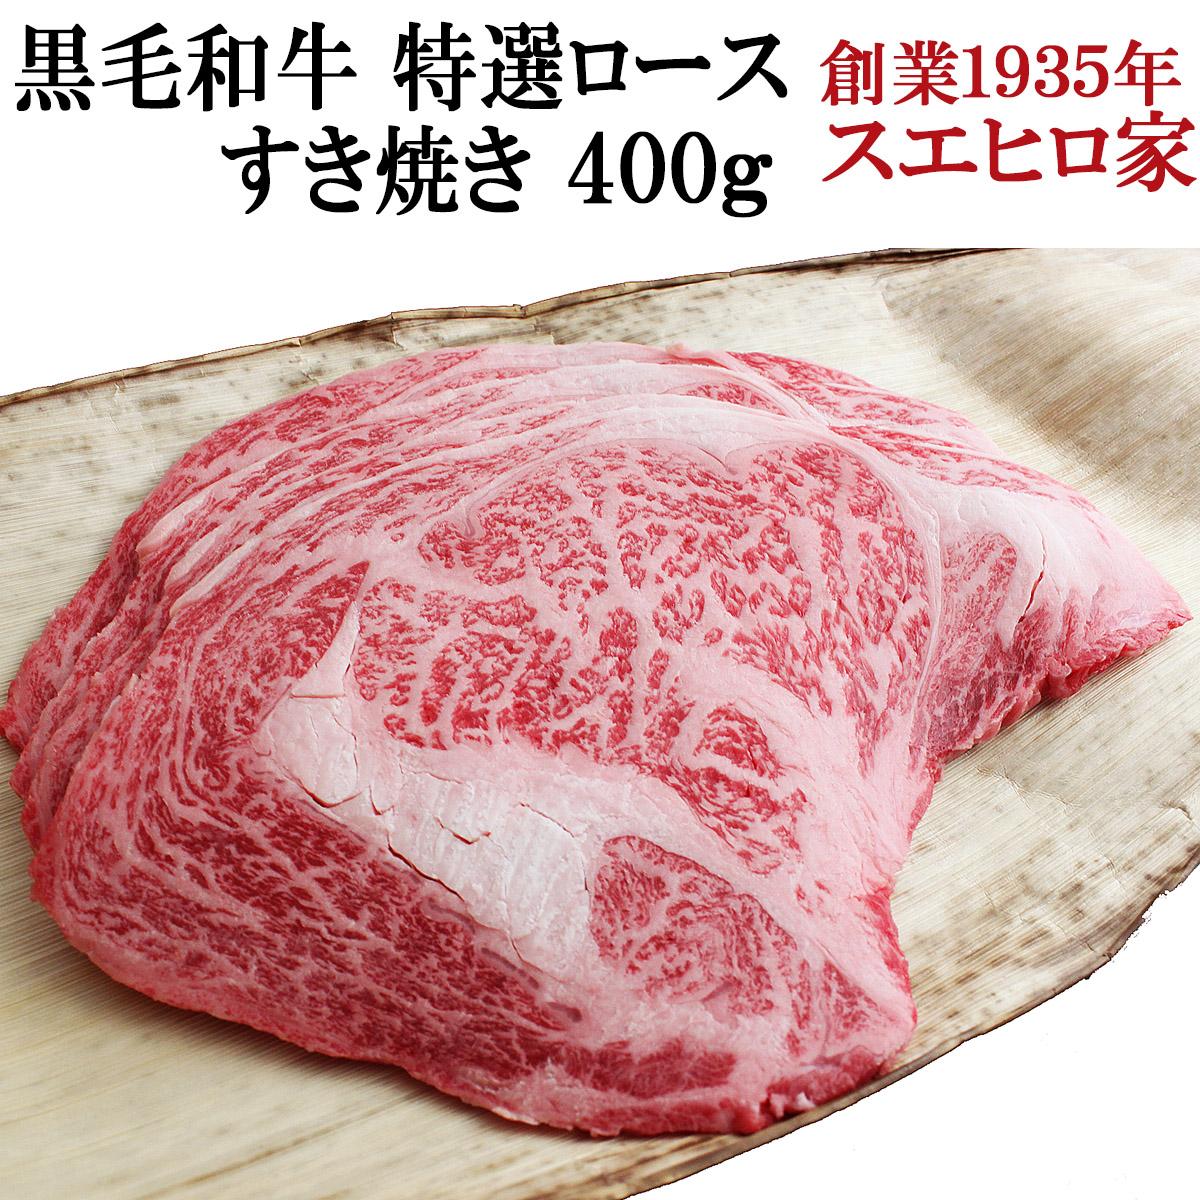 黒毛和牛特選ロースすき焼き肉